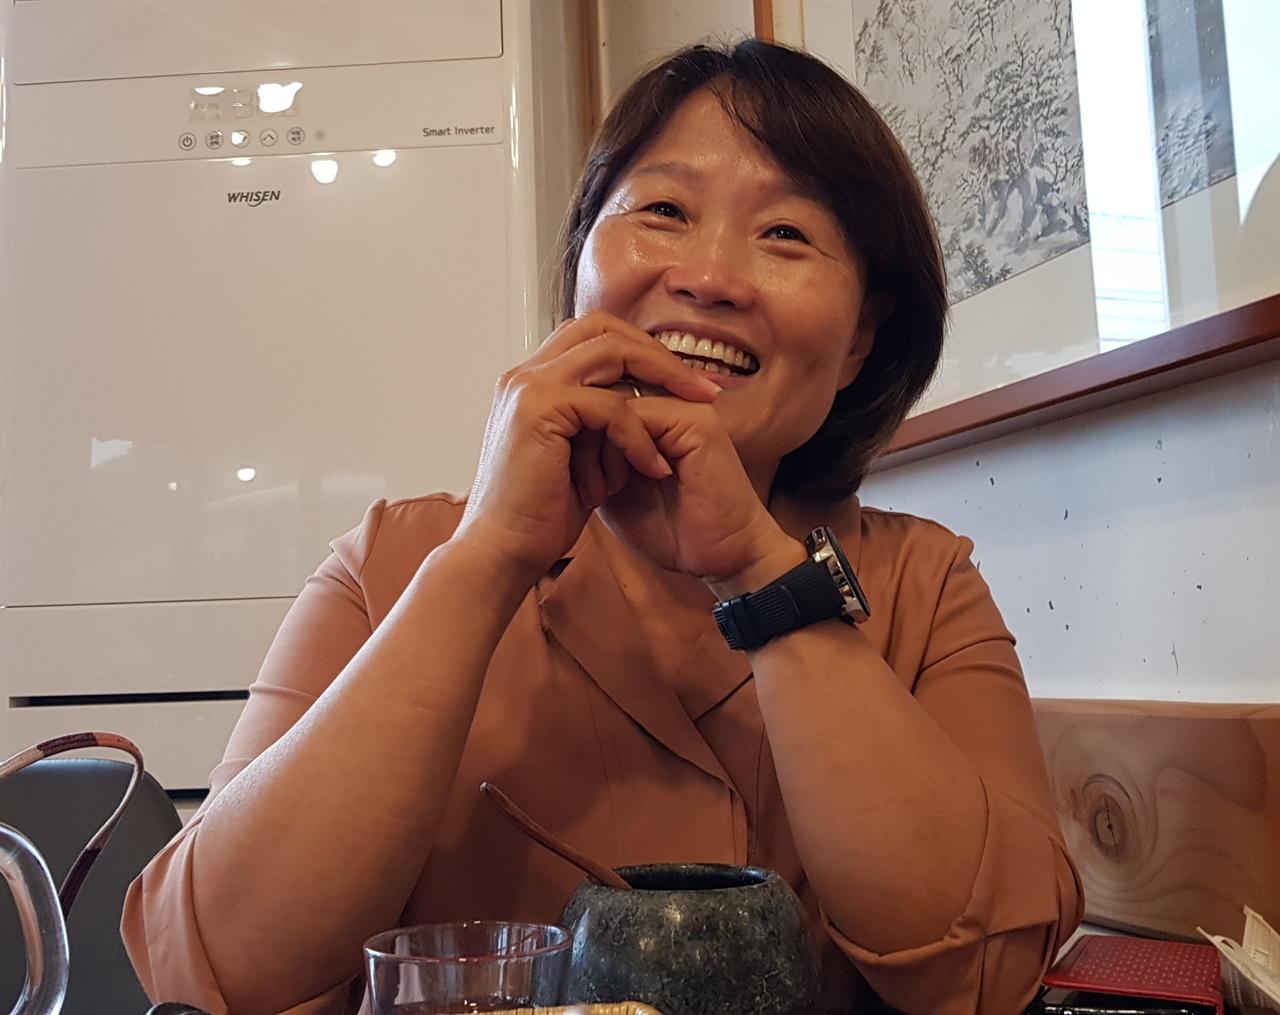 지난 11일 오전 전북 순창군의 한 찻집에서 전국여성농민회총연합 전북연합 오은미 회장을 만나 여성농업인에 대한 생각을 들었다.